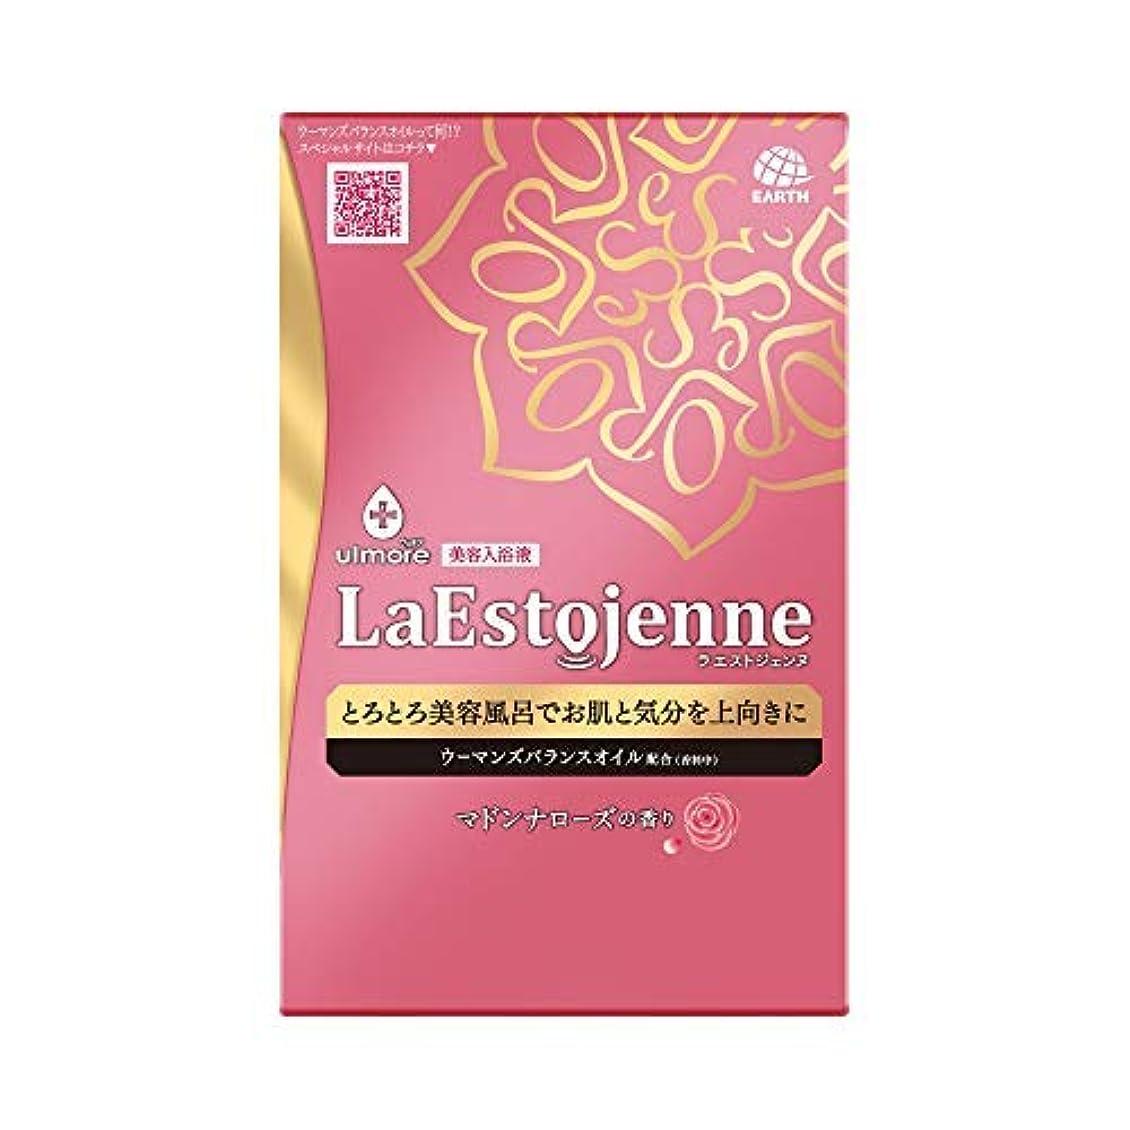 衝突治療パシフィックウルモア ラエストジェンヌ マドンナローズの香り 3包入り × 8個セット